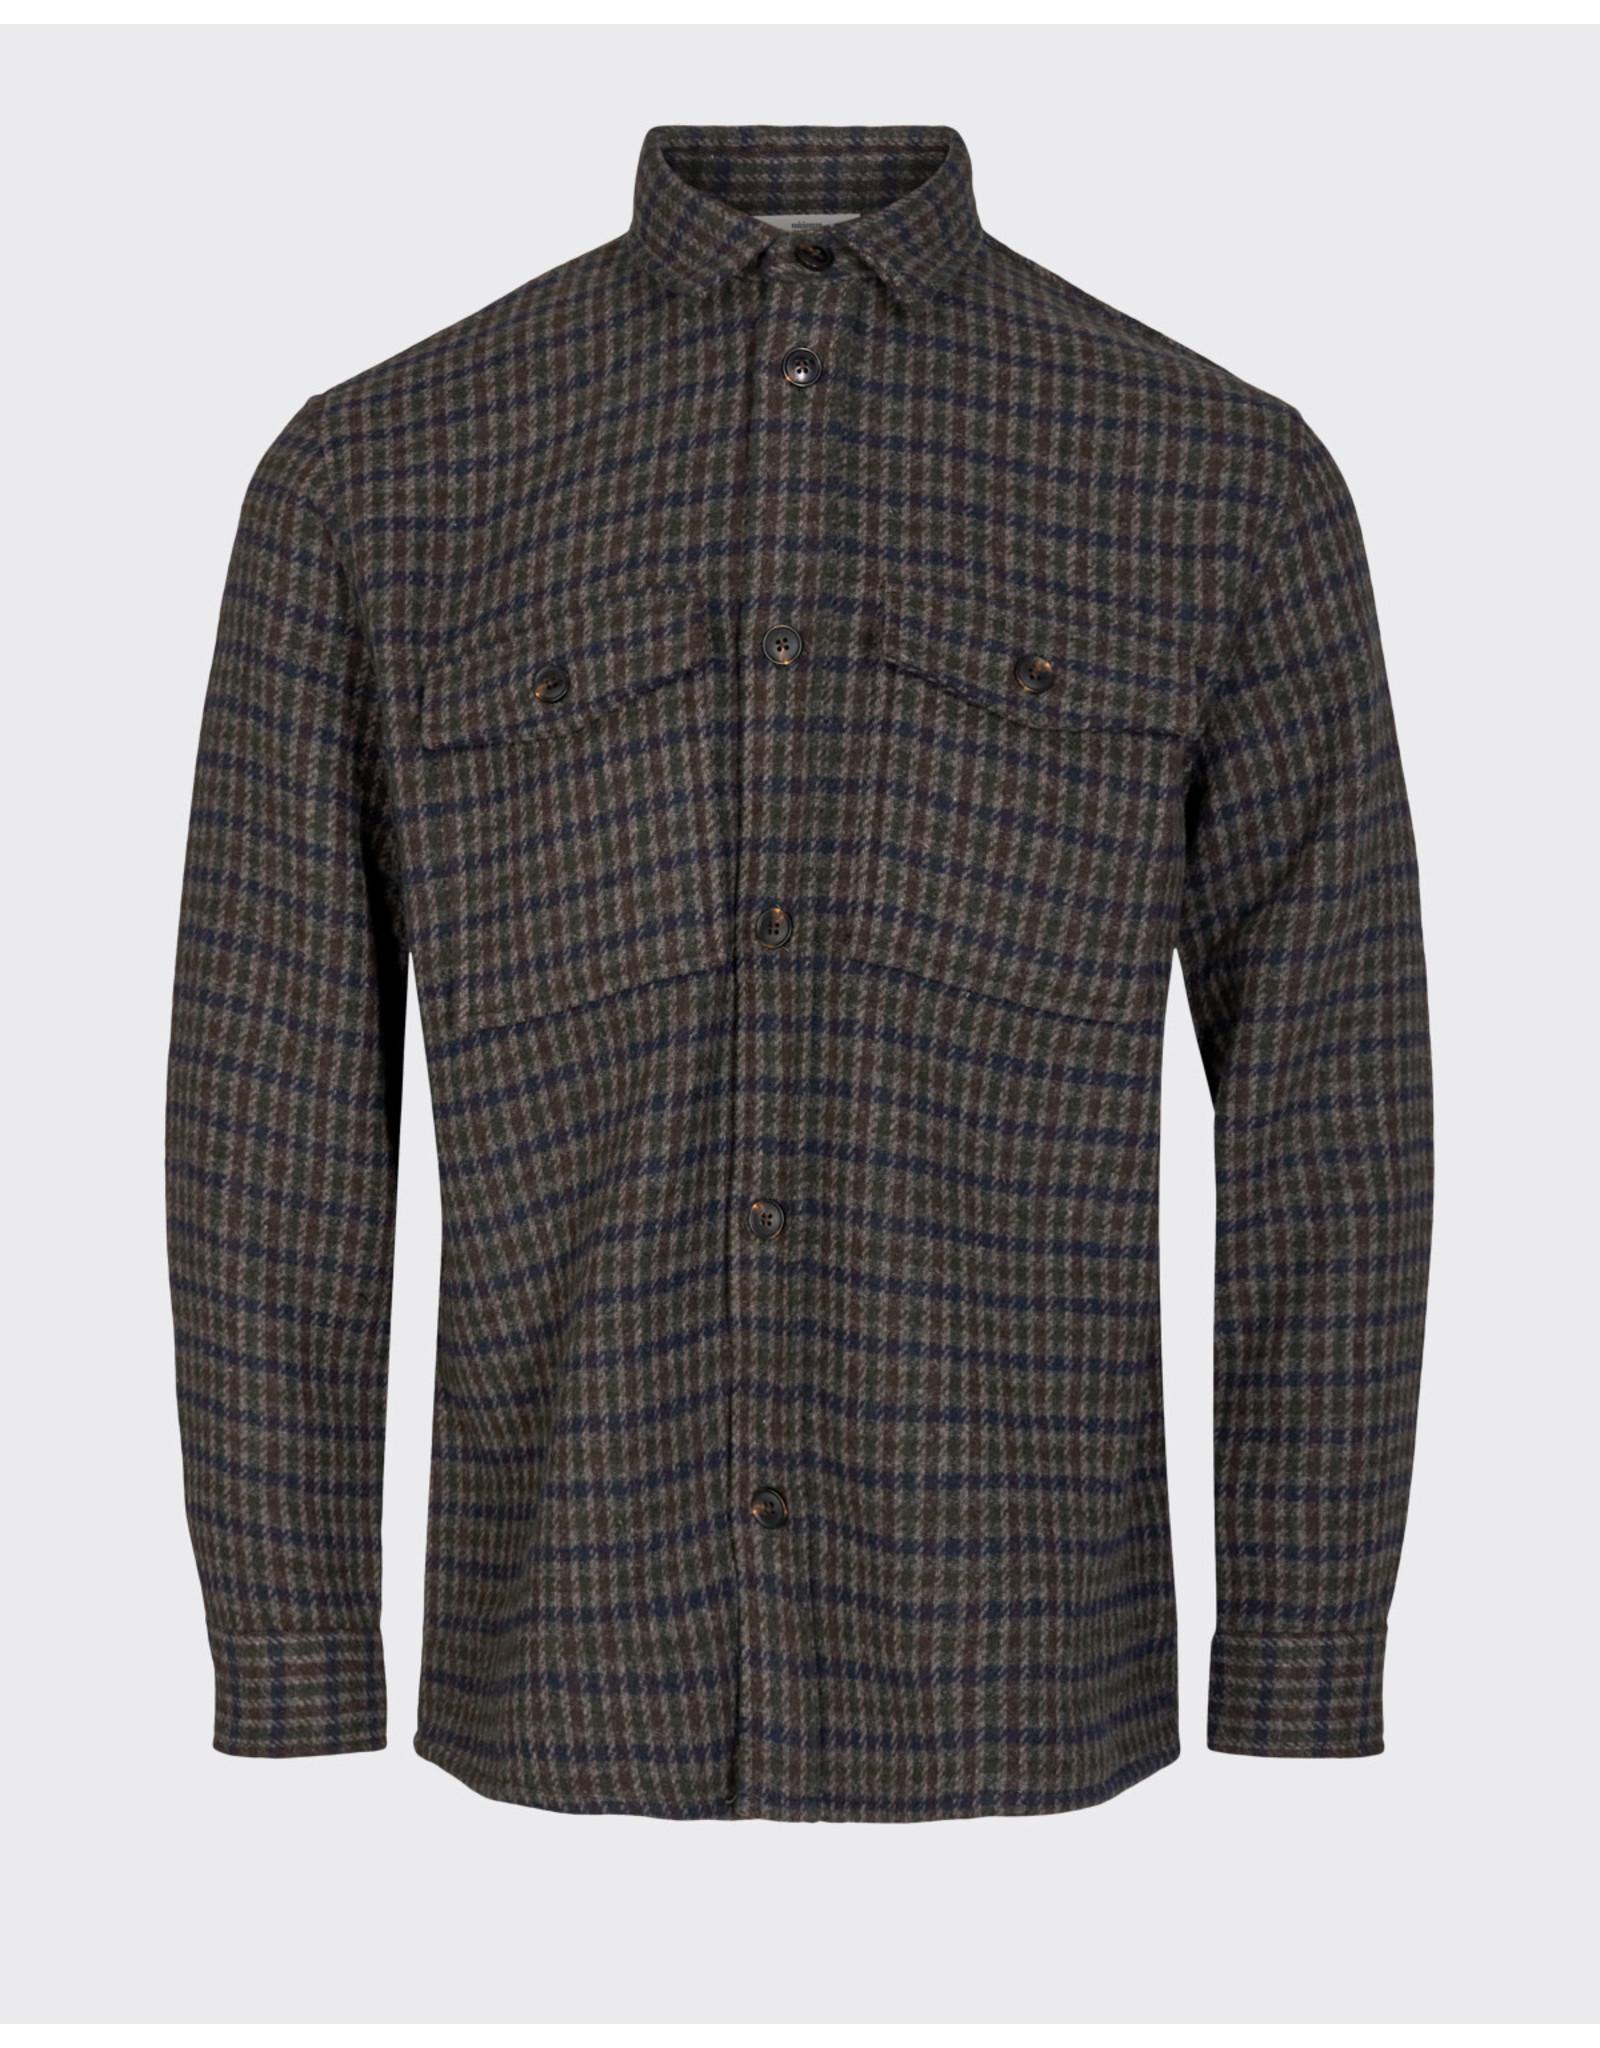 Minimum Doppy Overshirt